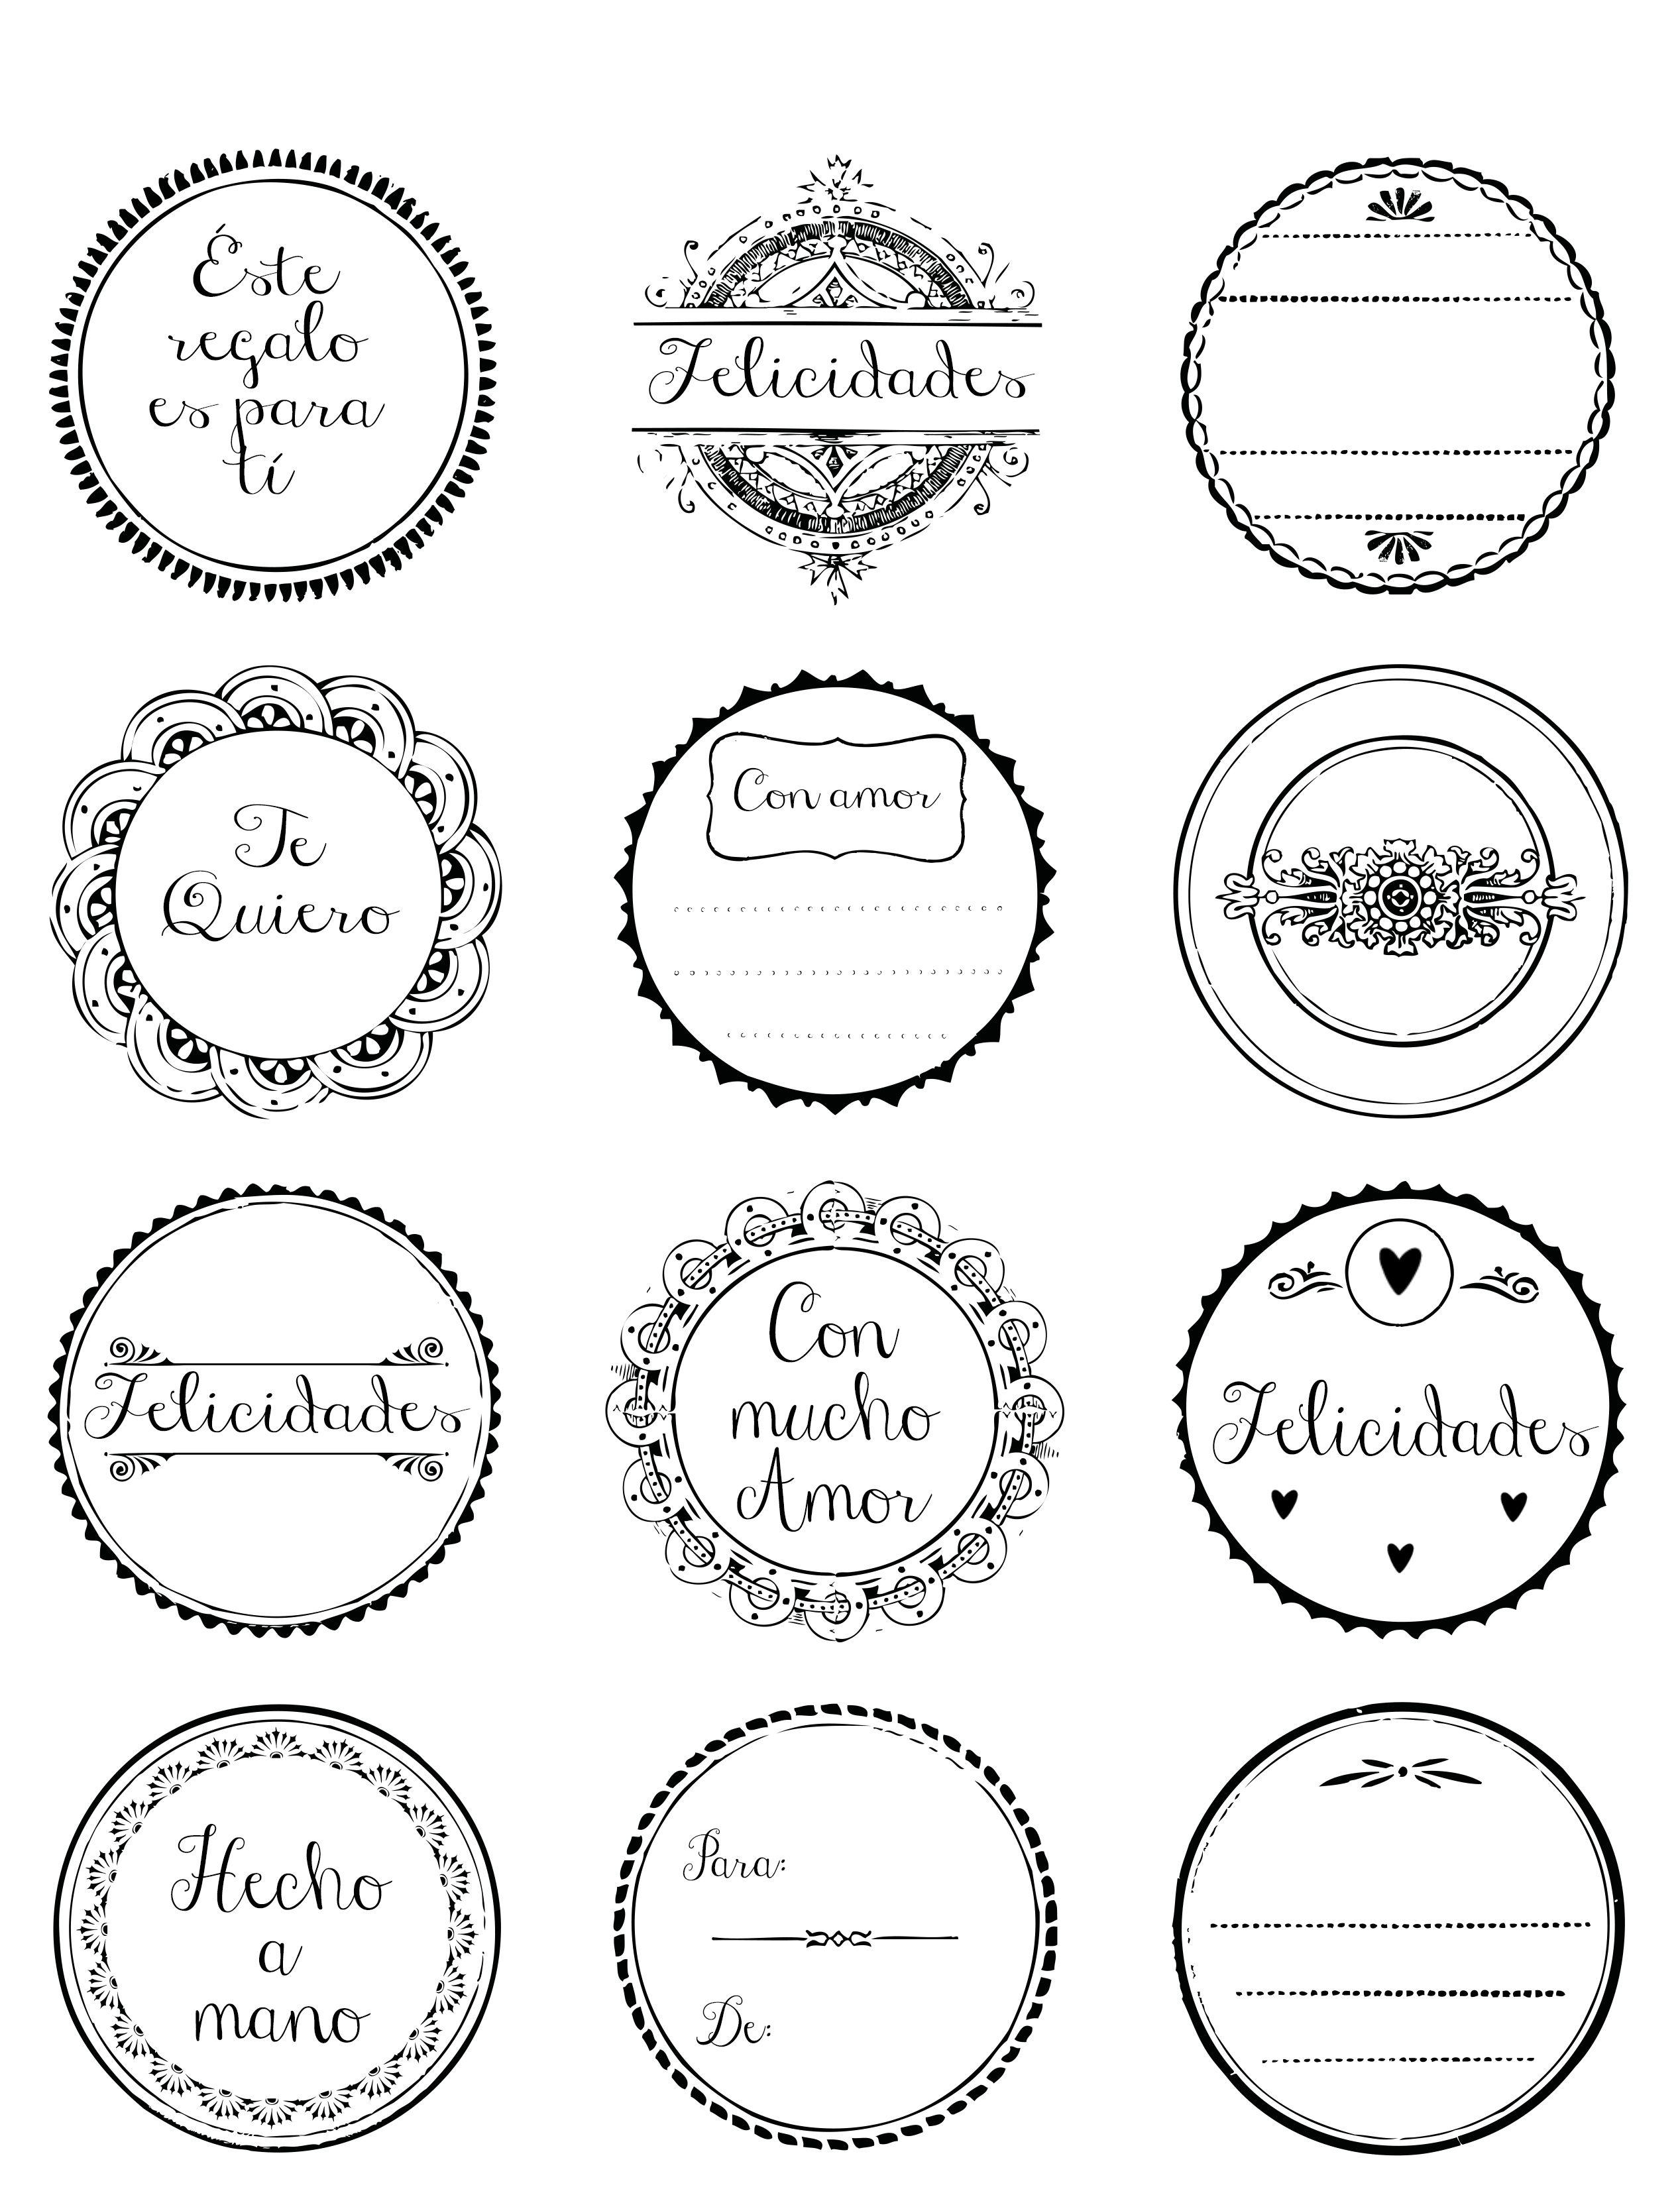 Etiquetas para regalos pinteres - Etiquetas para regalos para imprimir ...